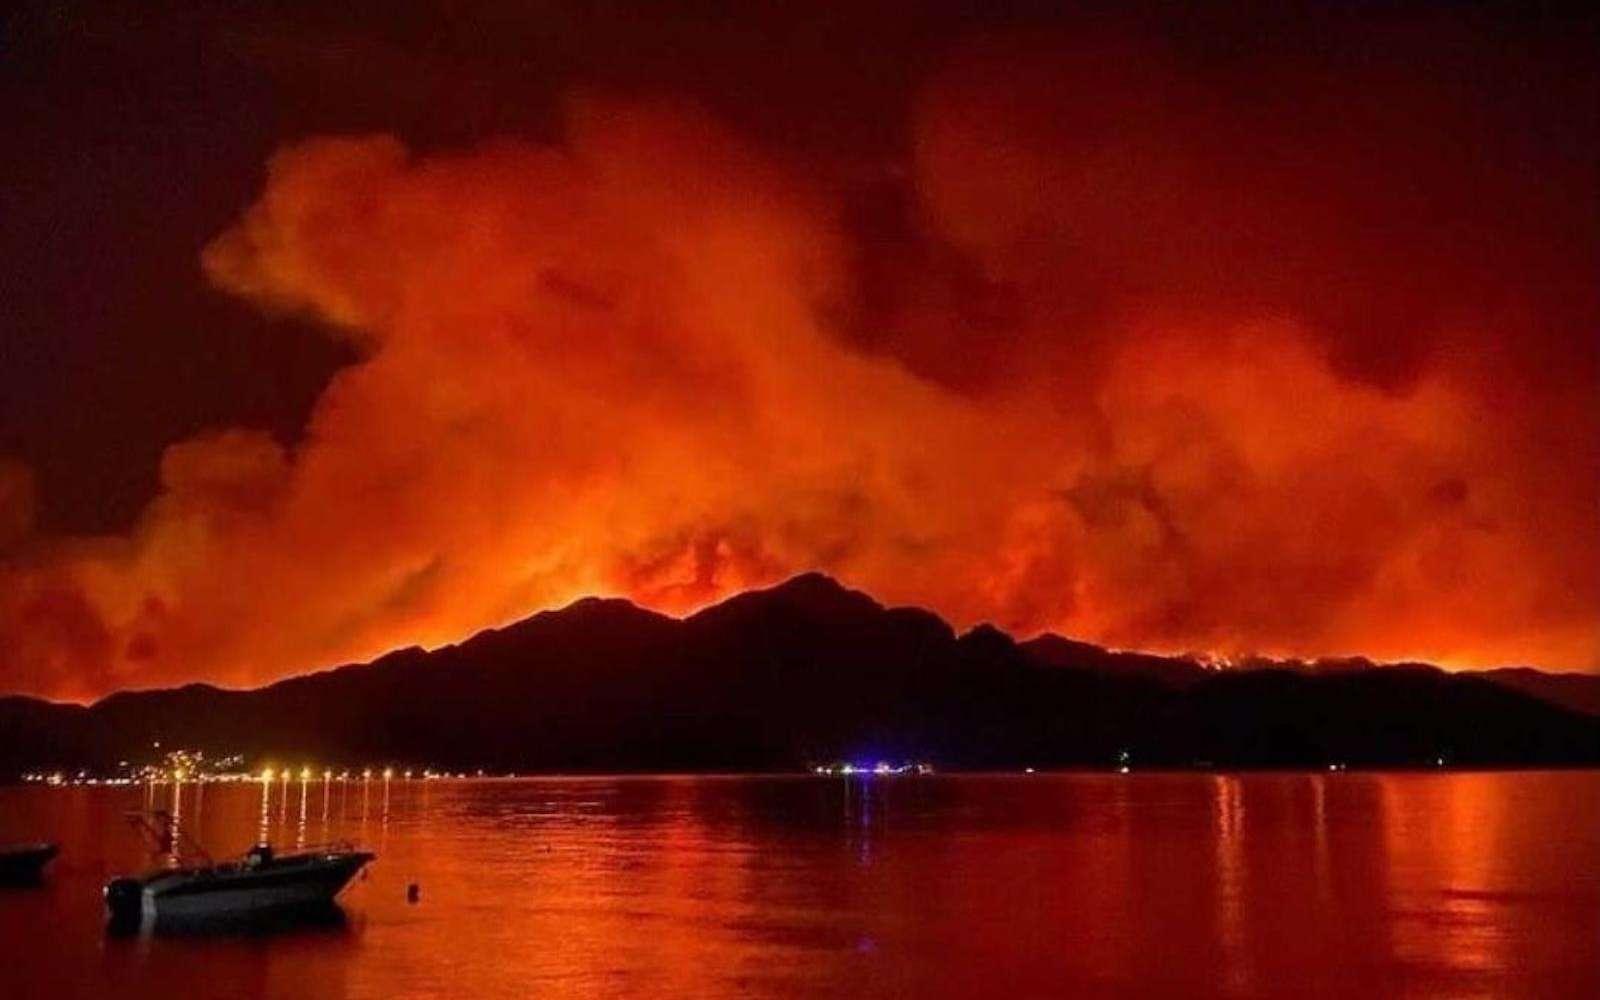 Les incendies de forêt en Turquie. © Archaeology & Art, Twitter